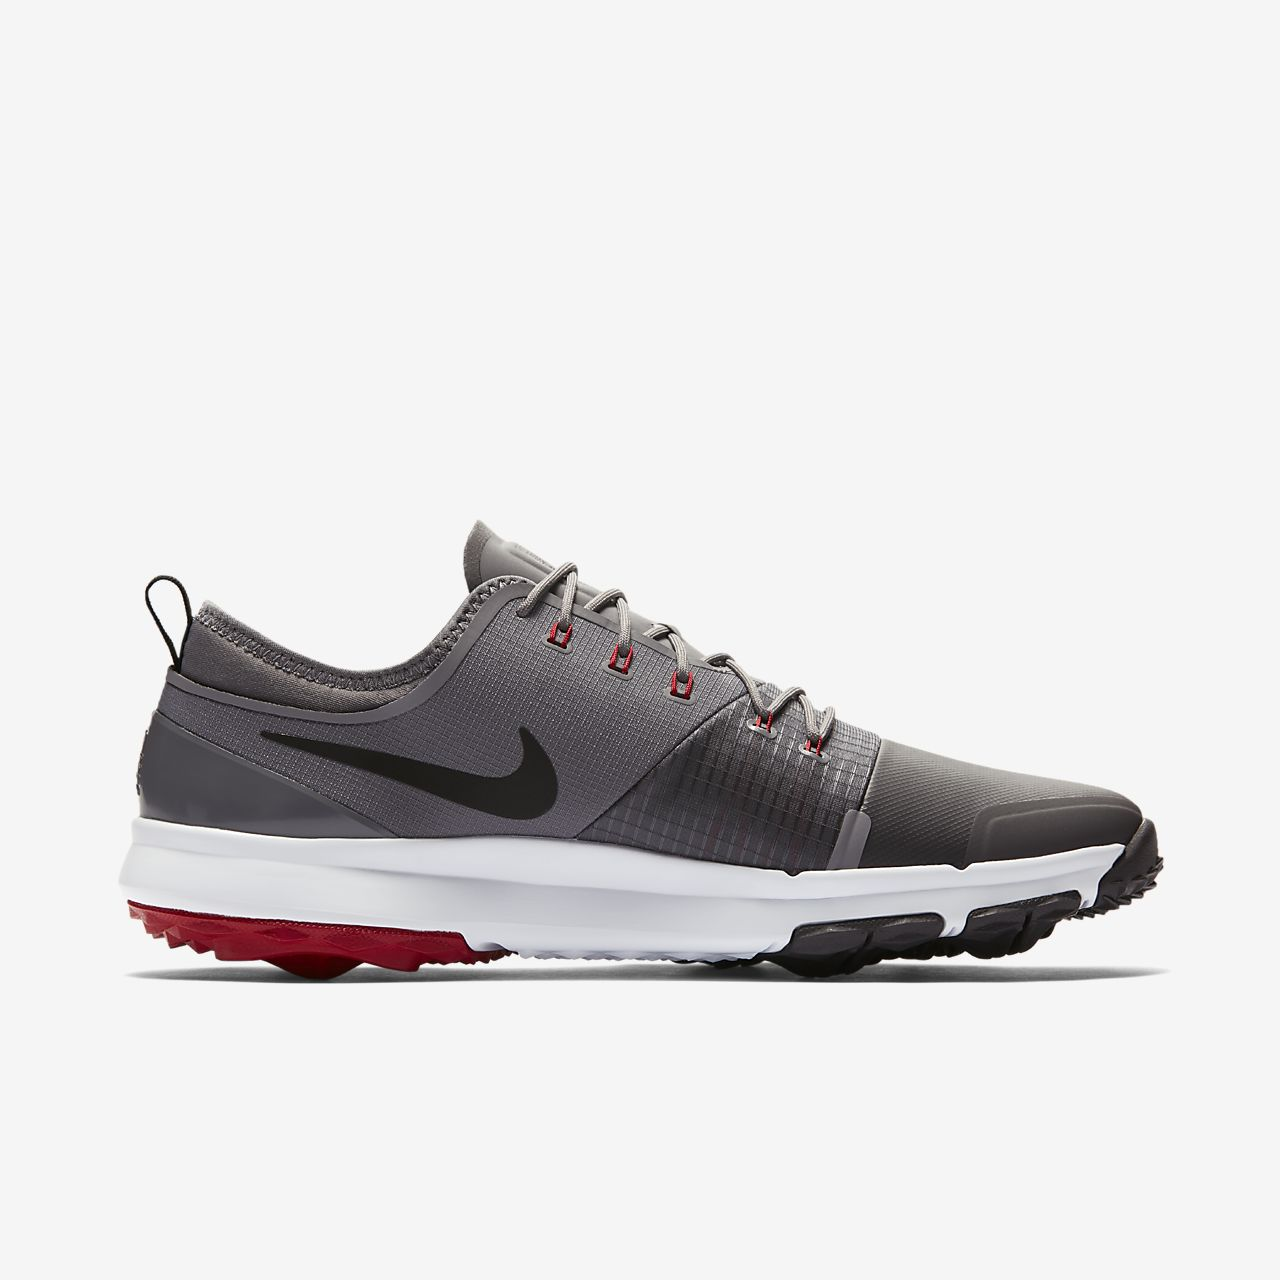 Wygodny Buty golfowe Nike Golf Męskie Nike Golf fi impact